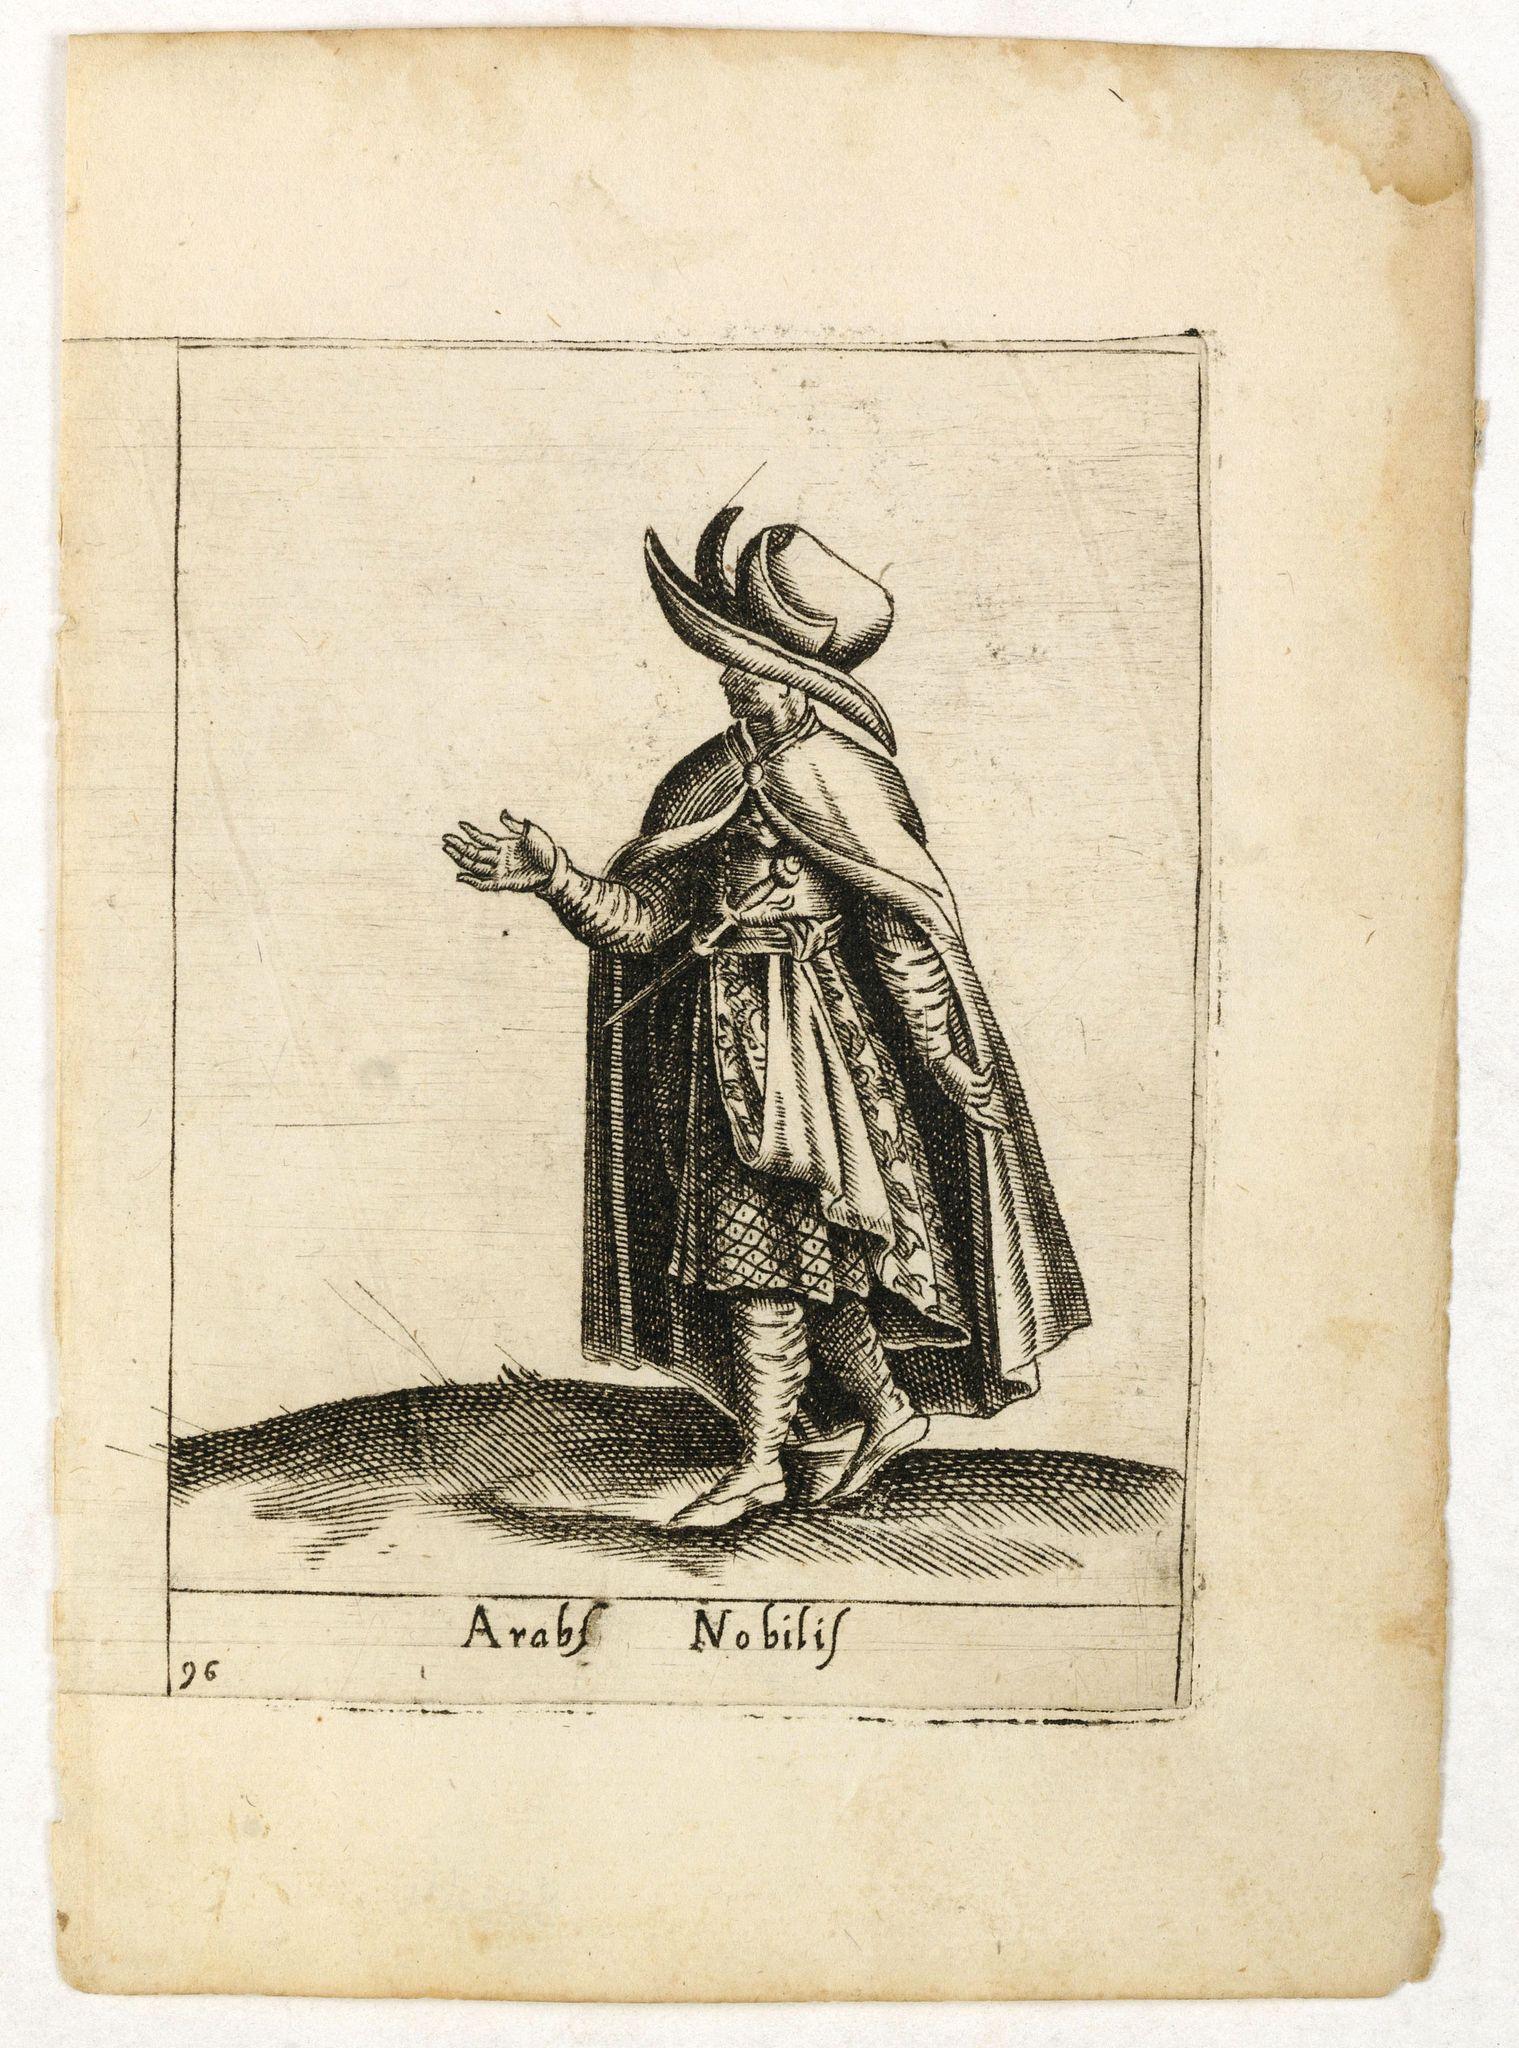 BERTELLI, P. -  Arabs Nobilis.